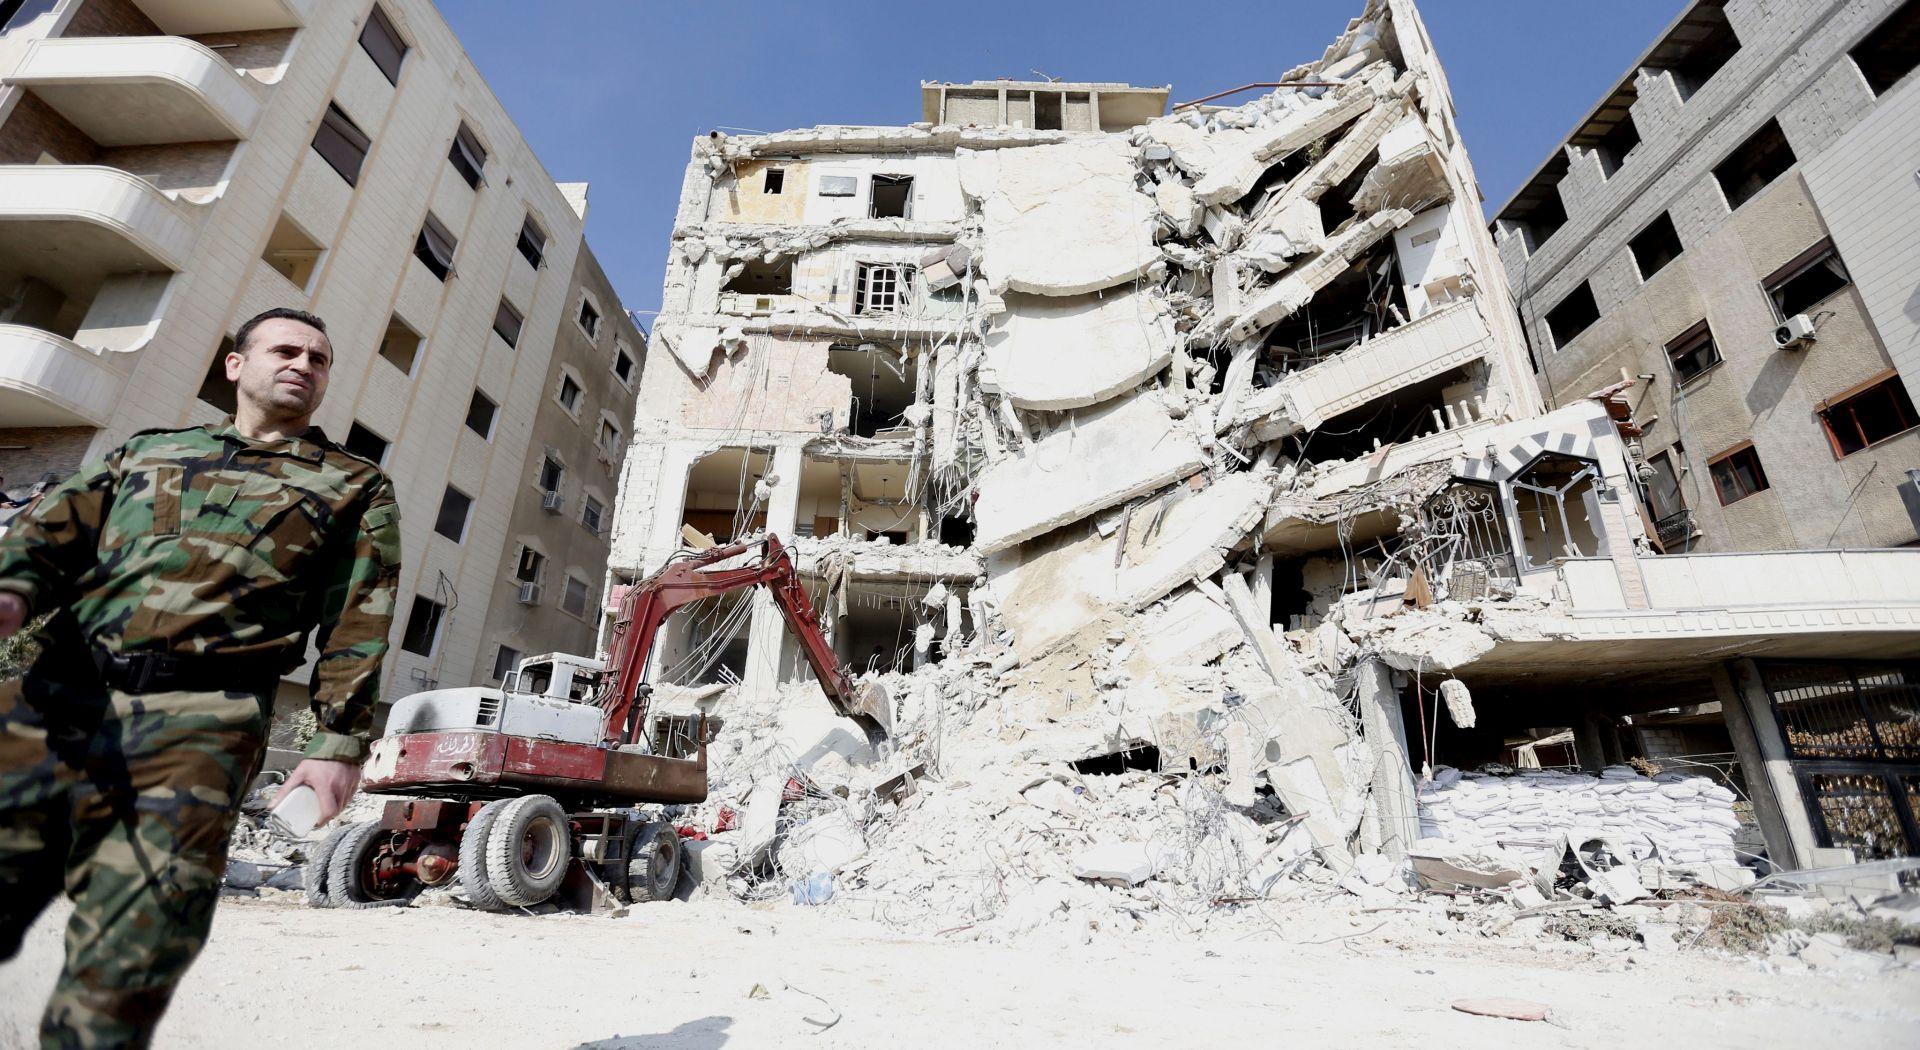 UPOZORENJE U NOVOJ STUDIJI Čak trećina pobunjeničkih skupina u Siriji dijeli istu idrologiju s ISIS-om